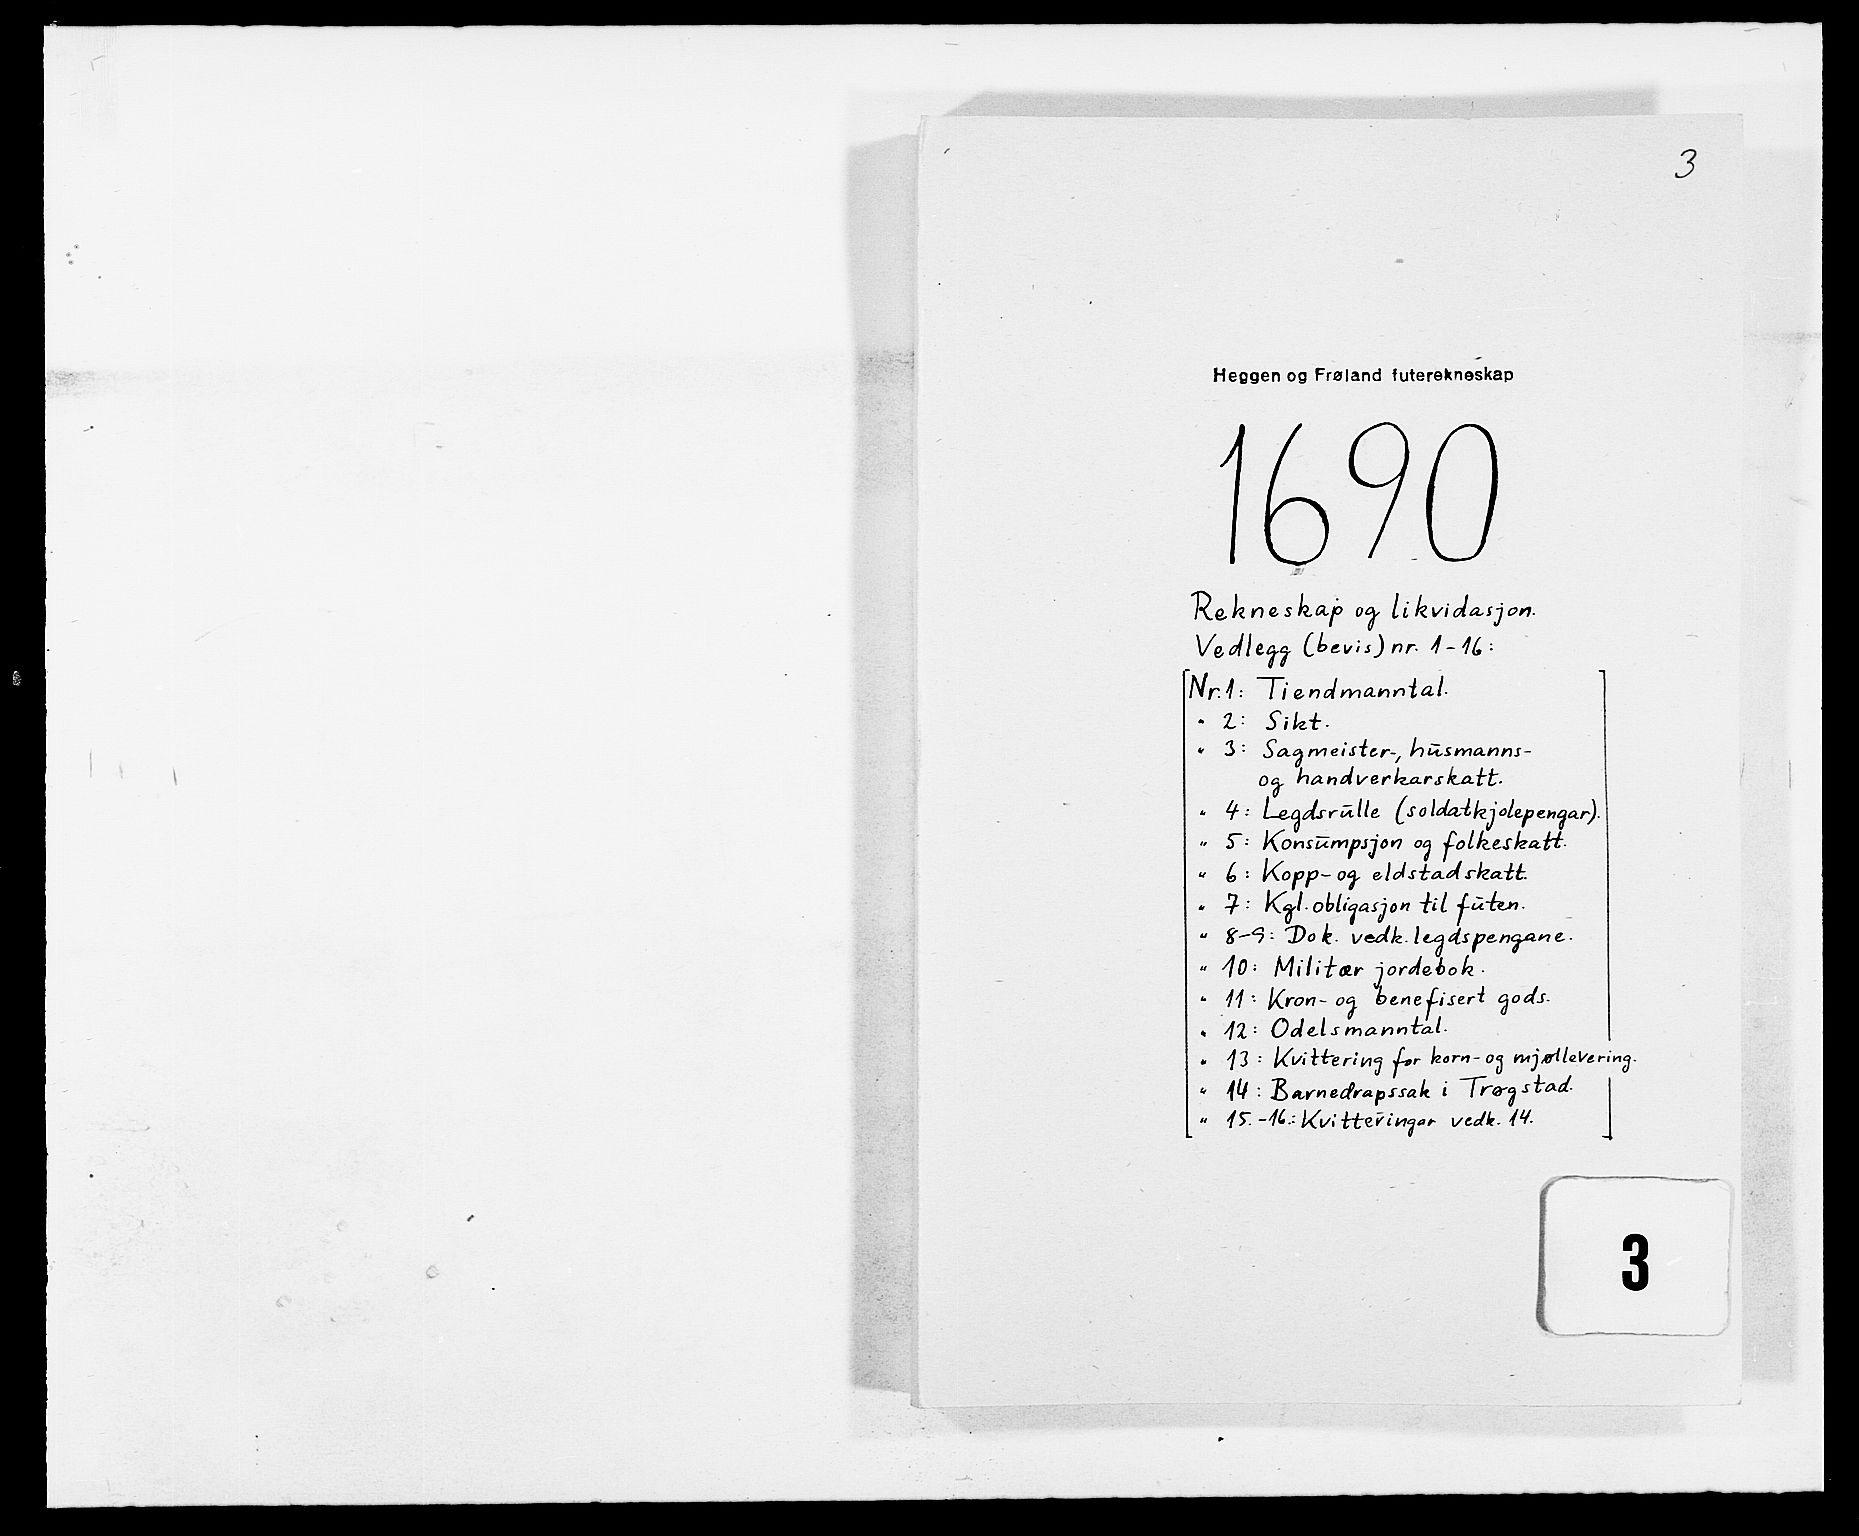 RA, Rentekammeret inntil 1814, Reviderte regnskaper, Fogderegnskap, R06/L0282: Fogderegnskap Heggen og Frøland, 1687-1690, s. 210